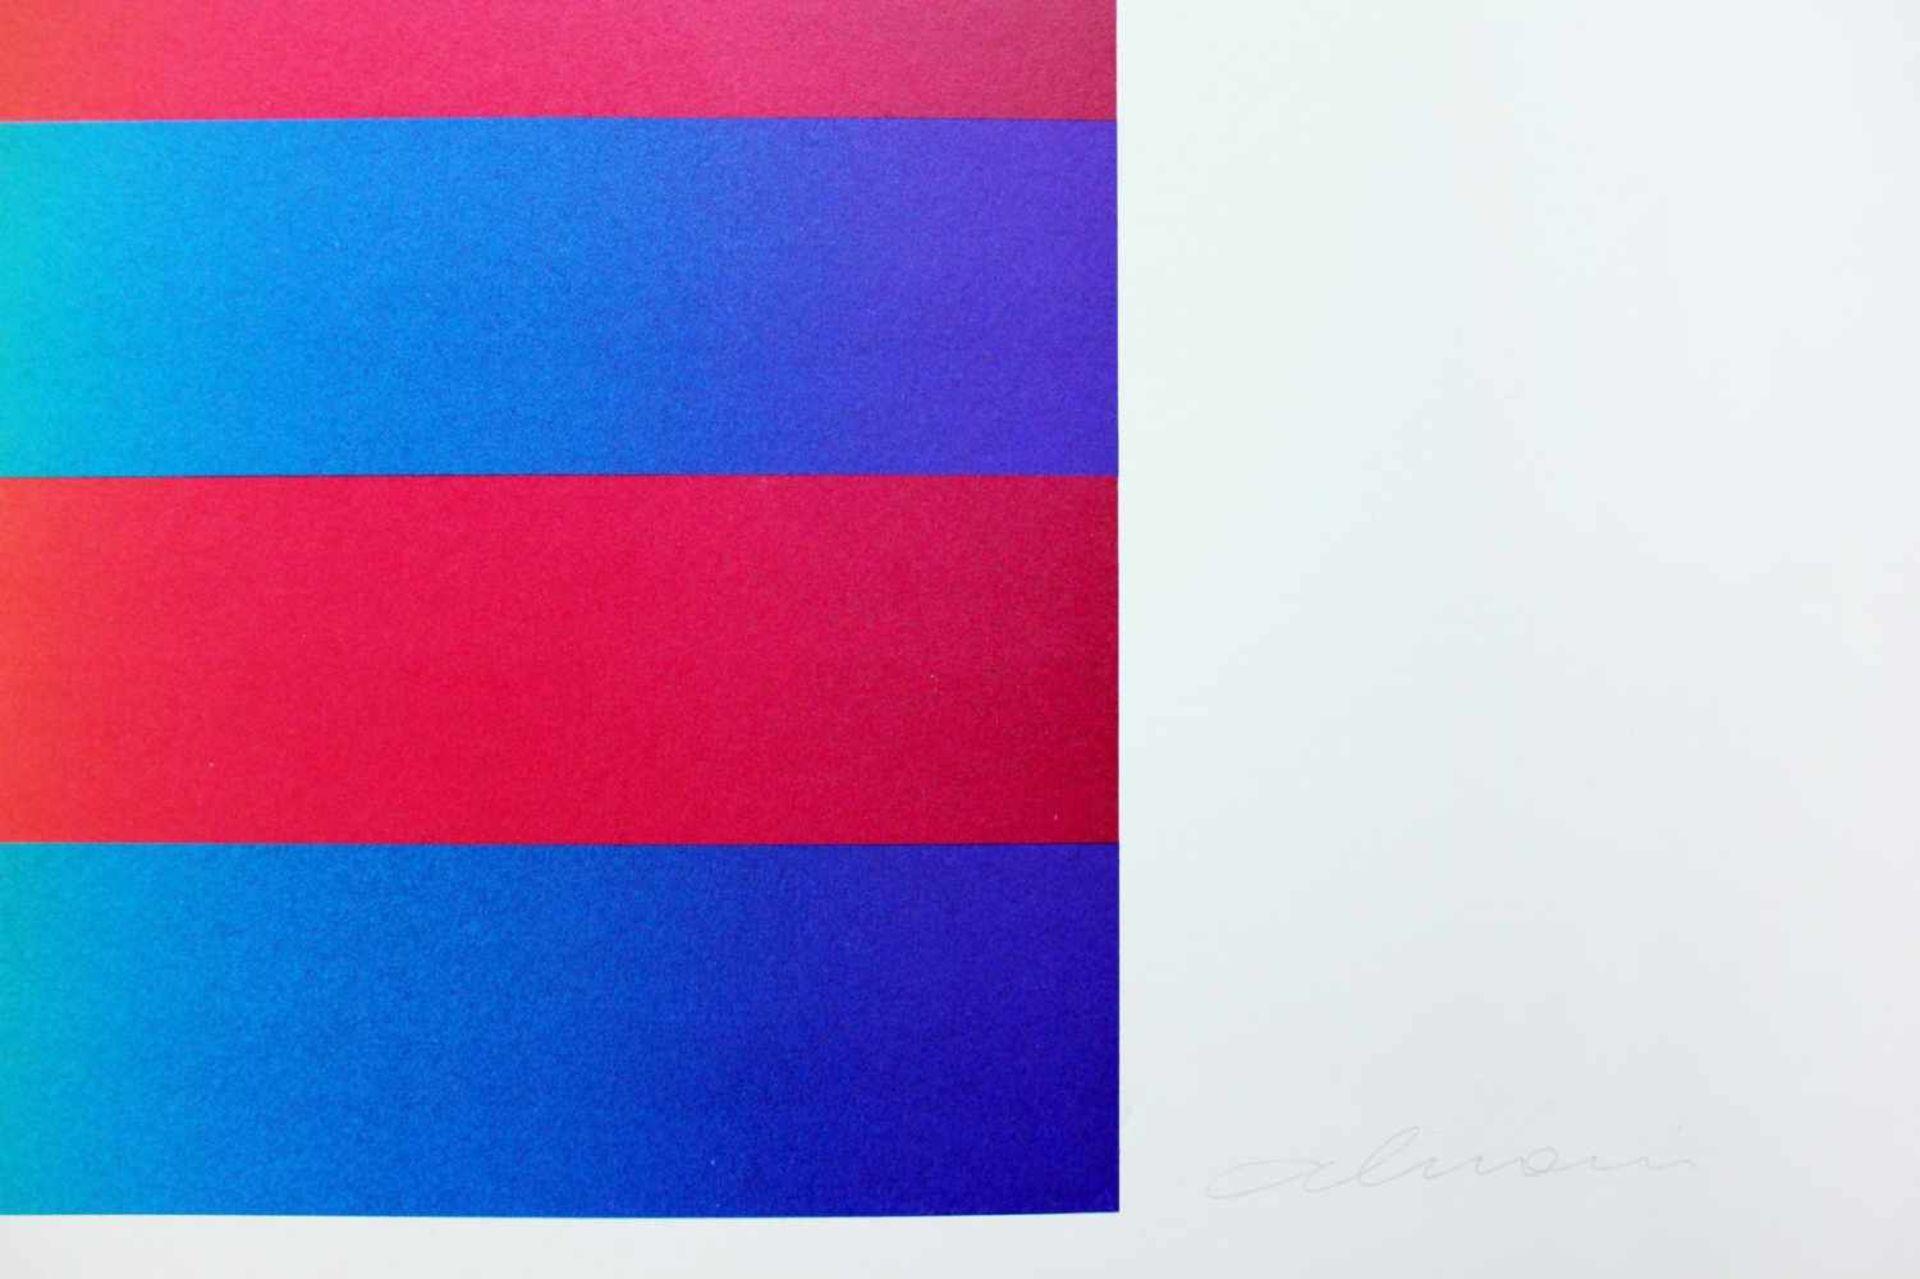 Getulio Alviani geb. 1937 o.T. Farbserigrafie handsigniert und nummeriert XLV/L (45/50) 71 x 100 cm - Bild 3 aus 4